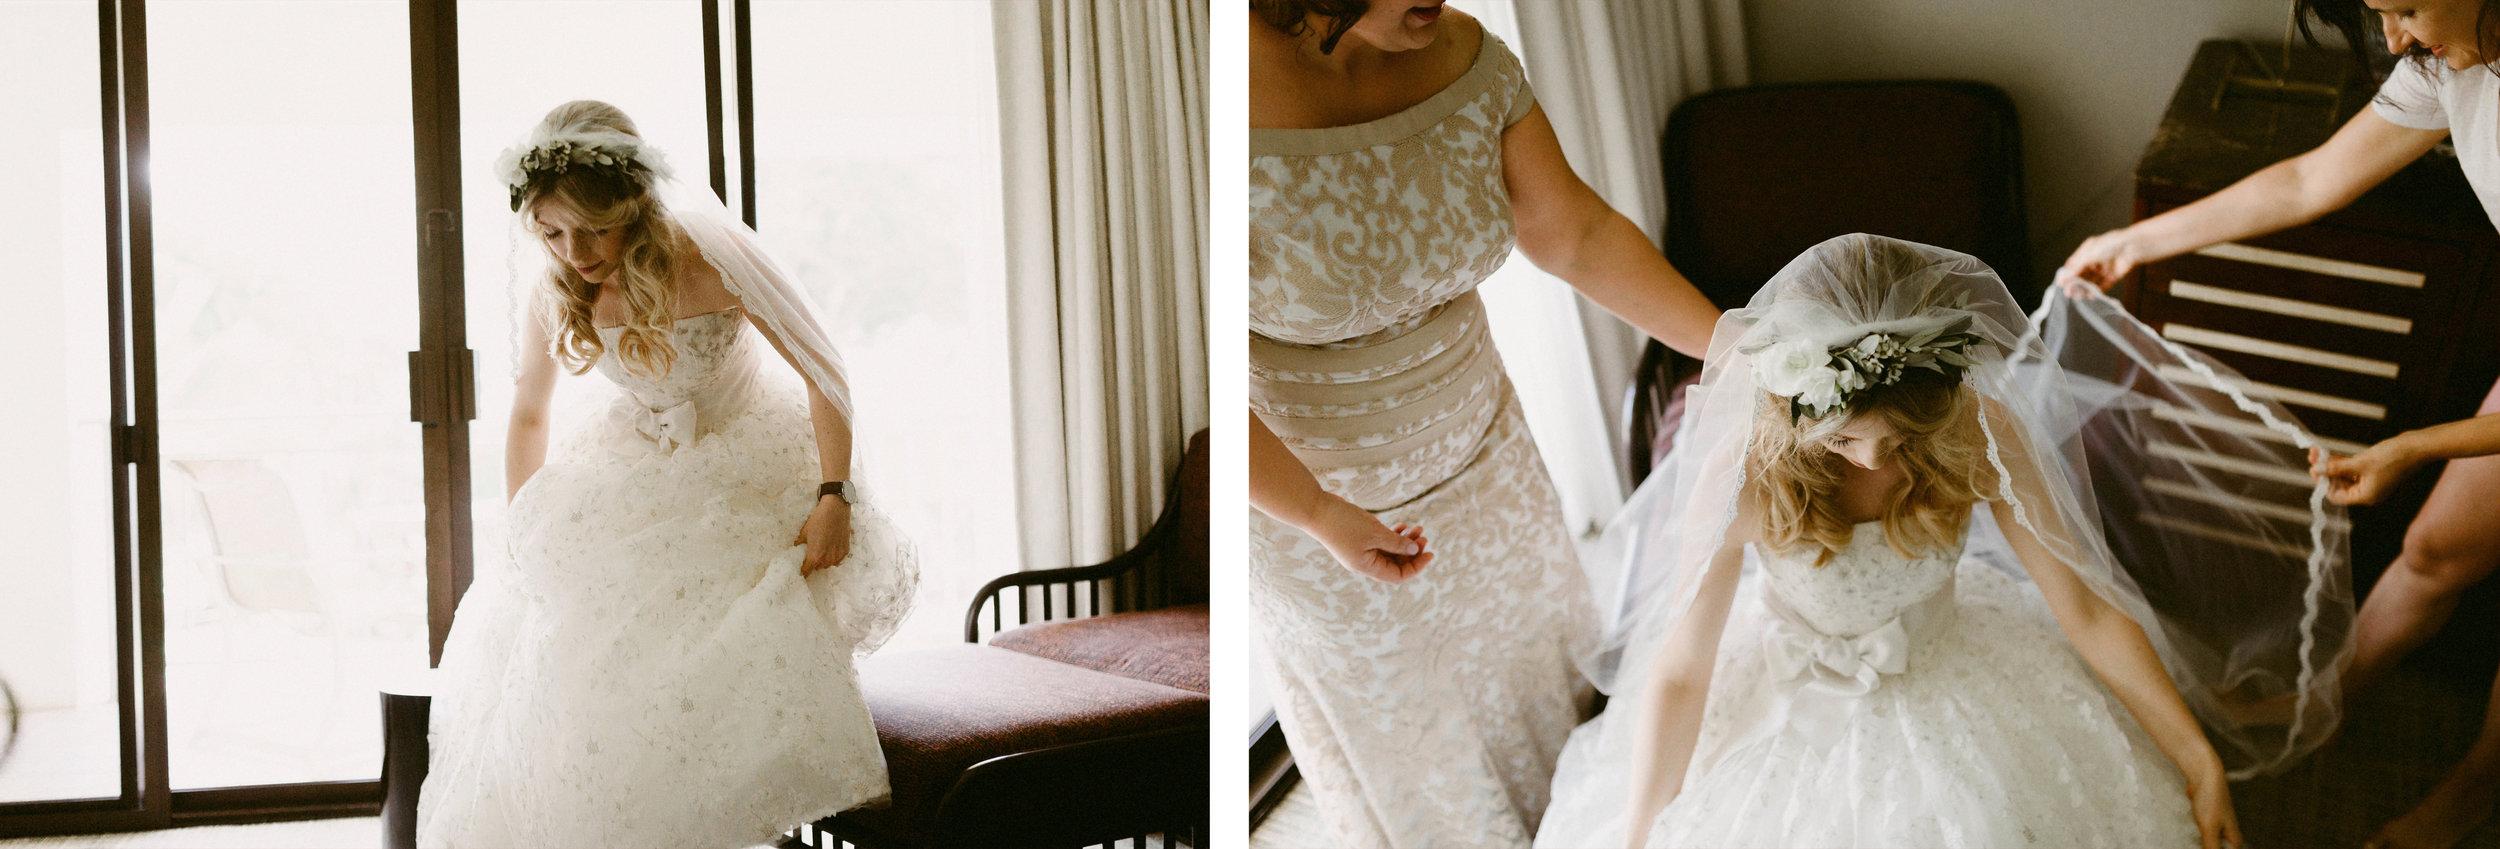 Kona Hawaii Wedding_1.jpg